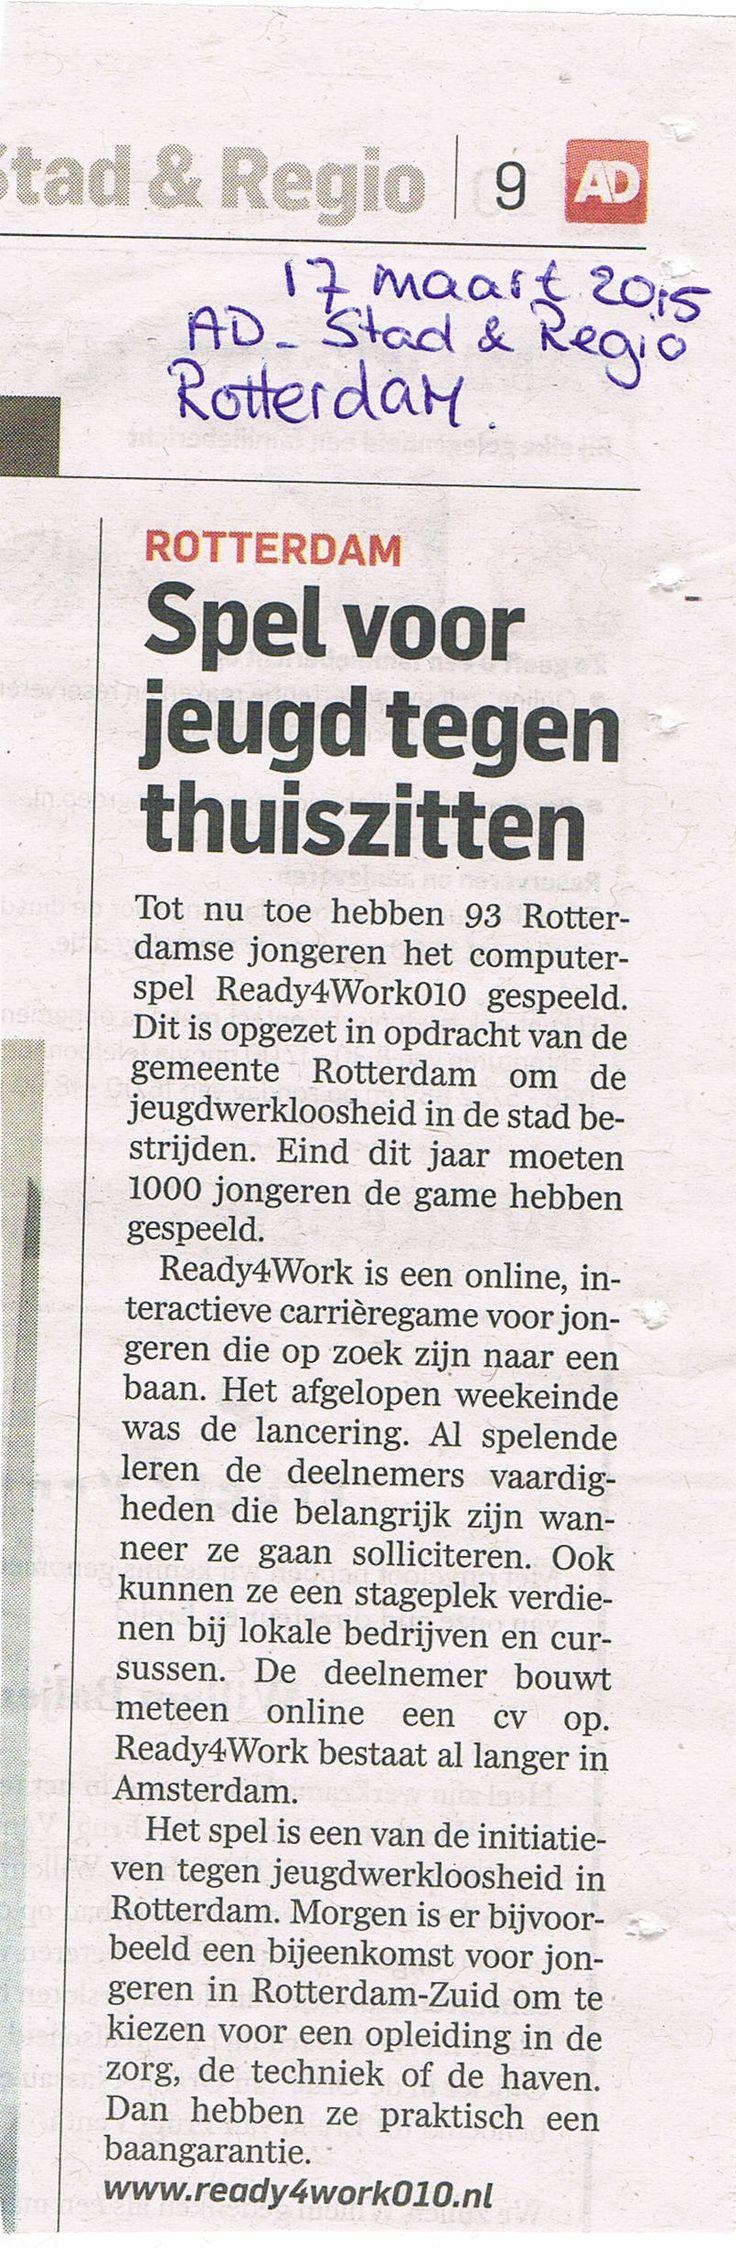 Spel voor jeugd tegen thuis zitten | AD Rotterdams Dagblad | Ready4Work010 | Mediacoördinator Alan Bredenhorst, 125Procent